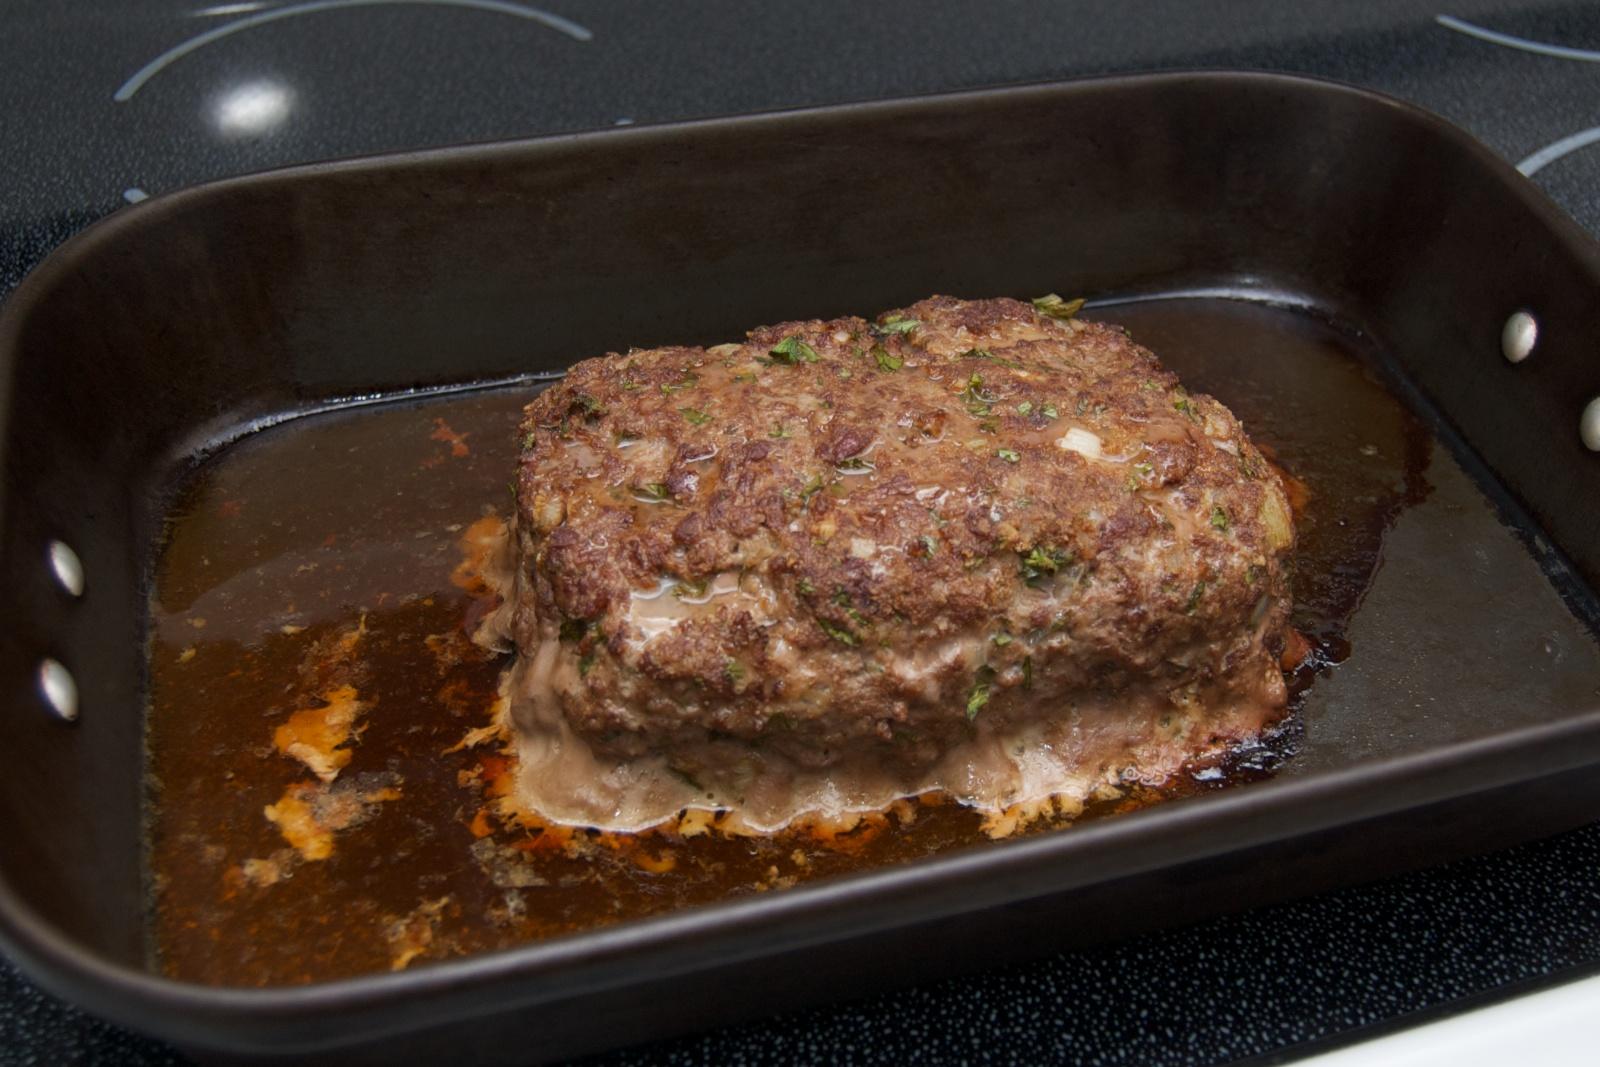 http://blog.rickk.com/food/2010/08/20/meatloaf3.jpg